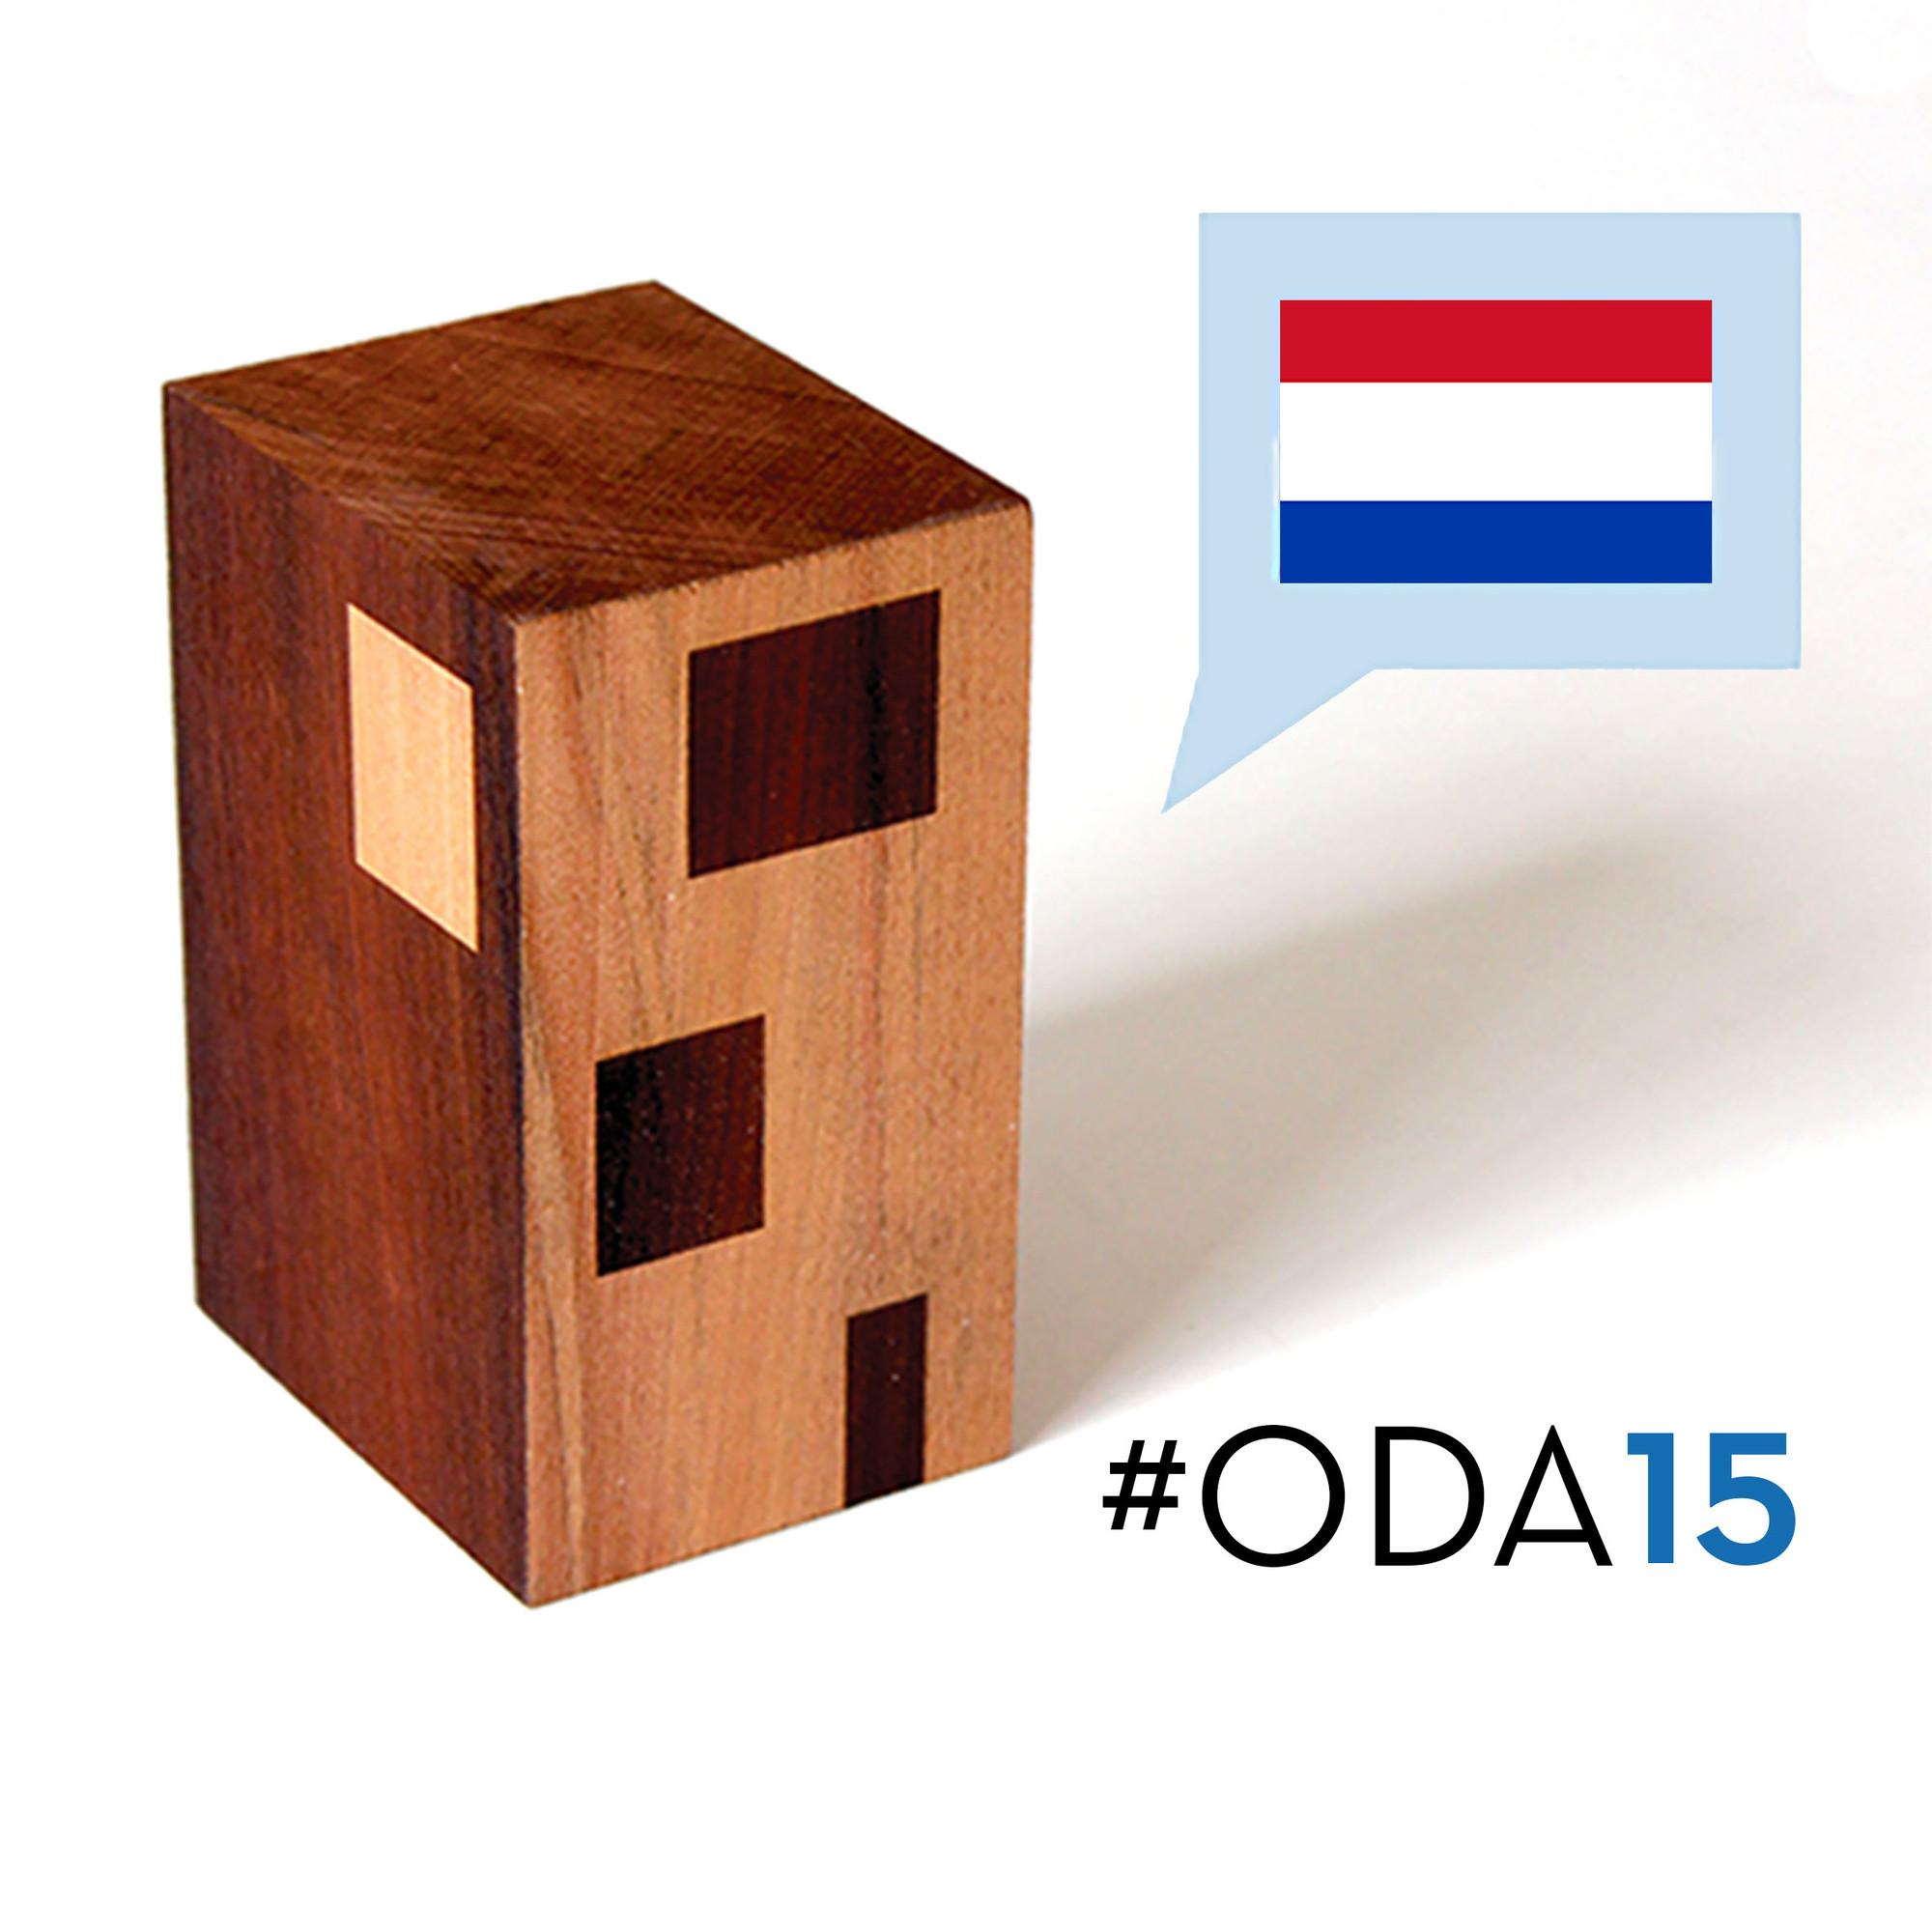 Conoce las obras paraguayas que están participando en #ODA15